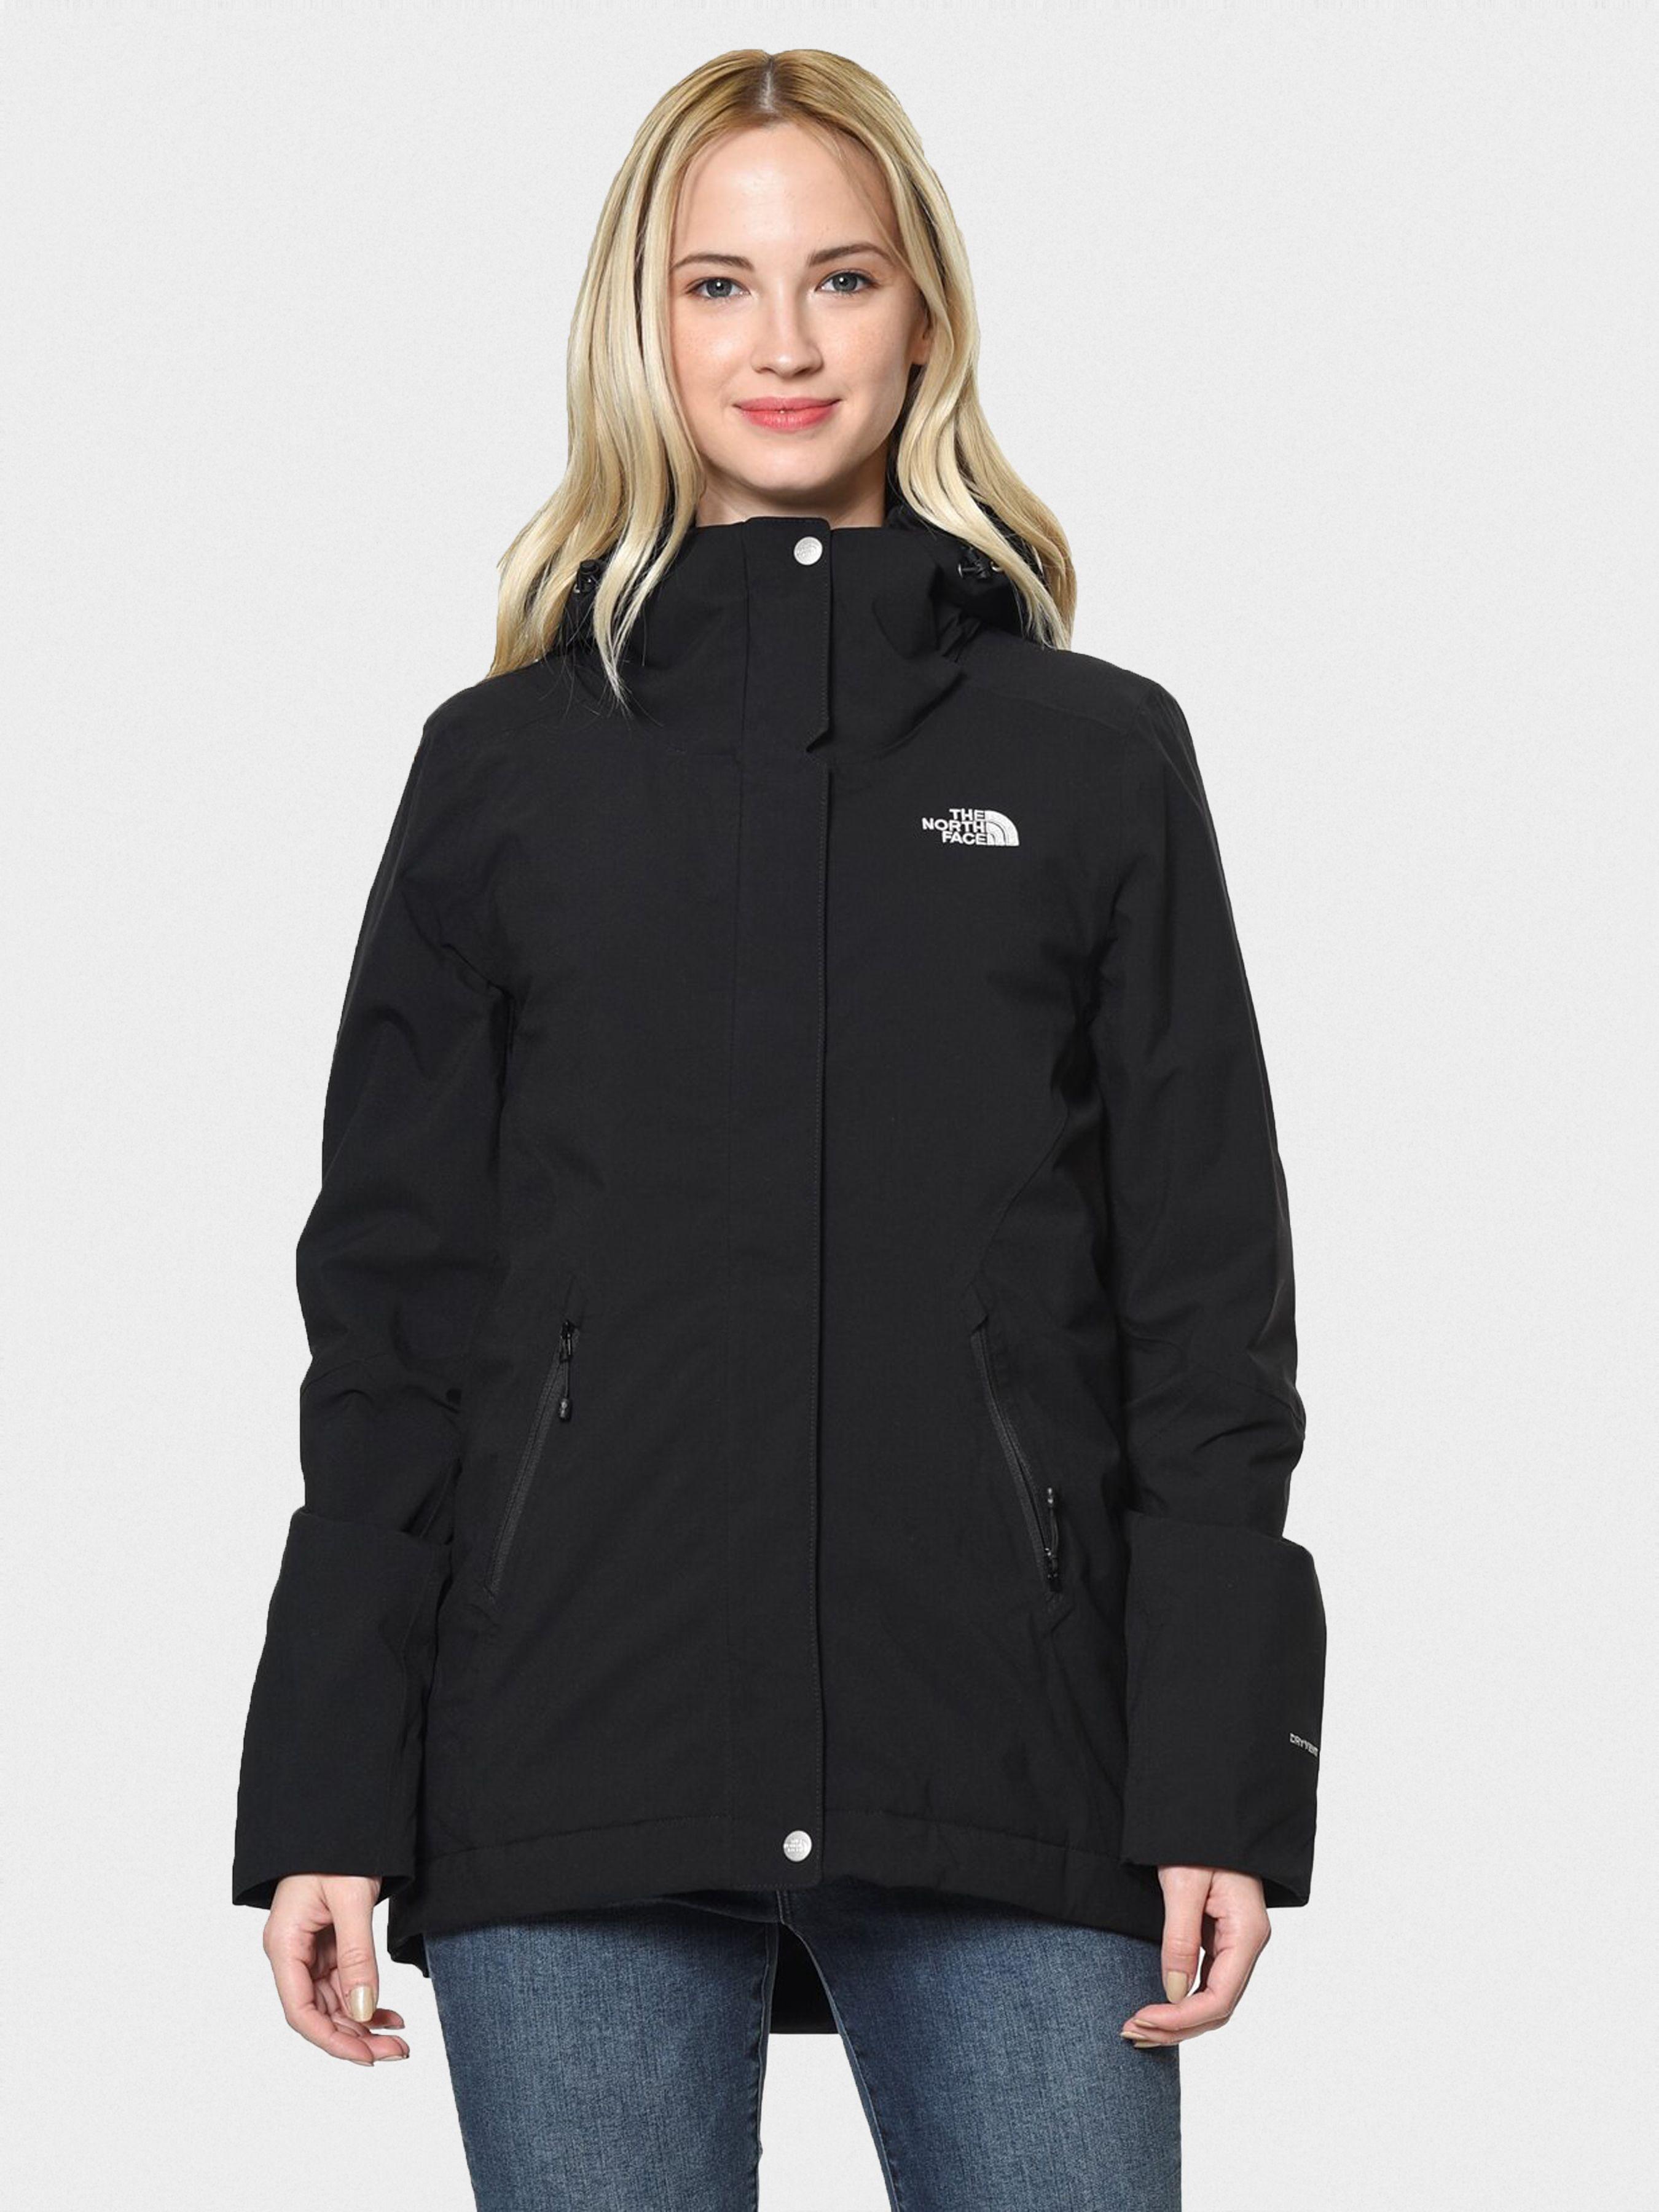 Купить Куртка женские модель N137, The North Face, Черный